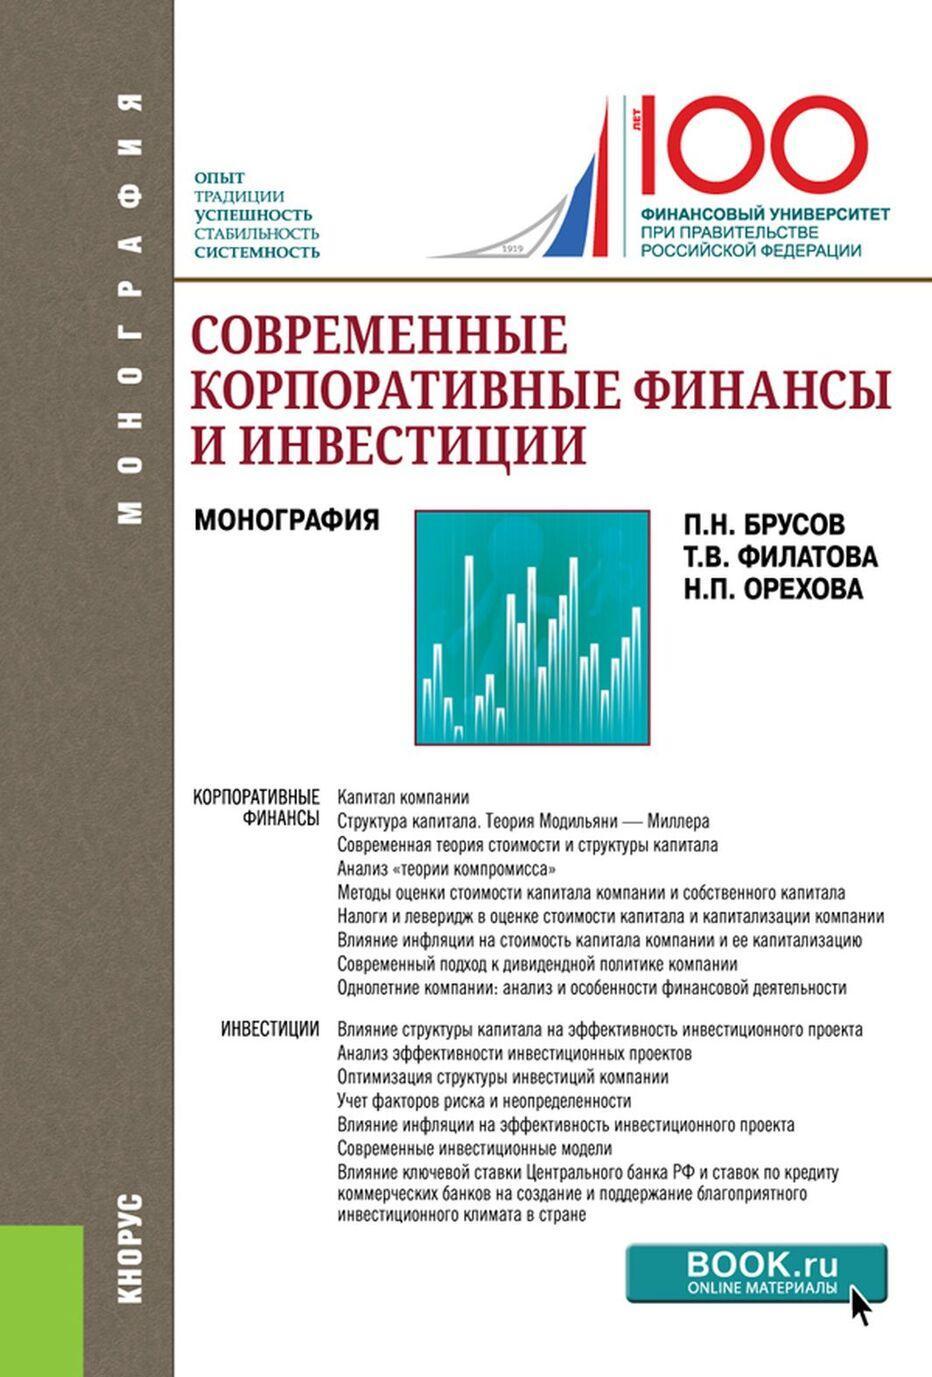 Sovremennye korporativnye finansy i investitsii. Monografija